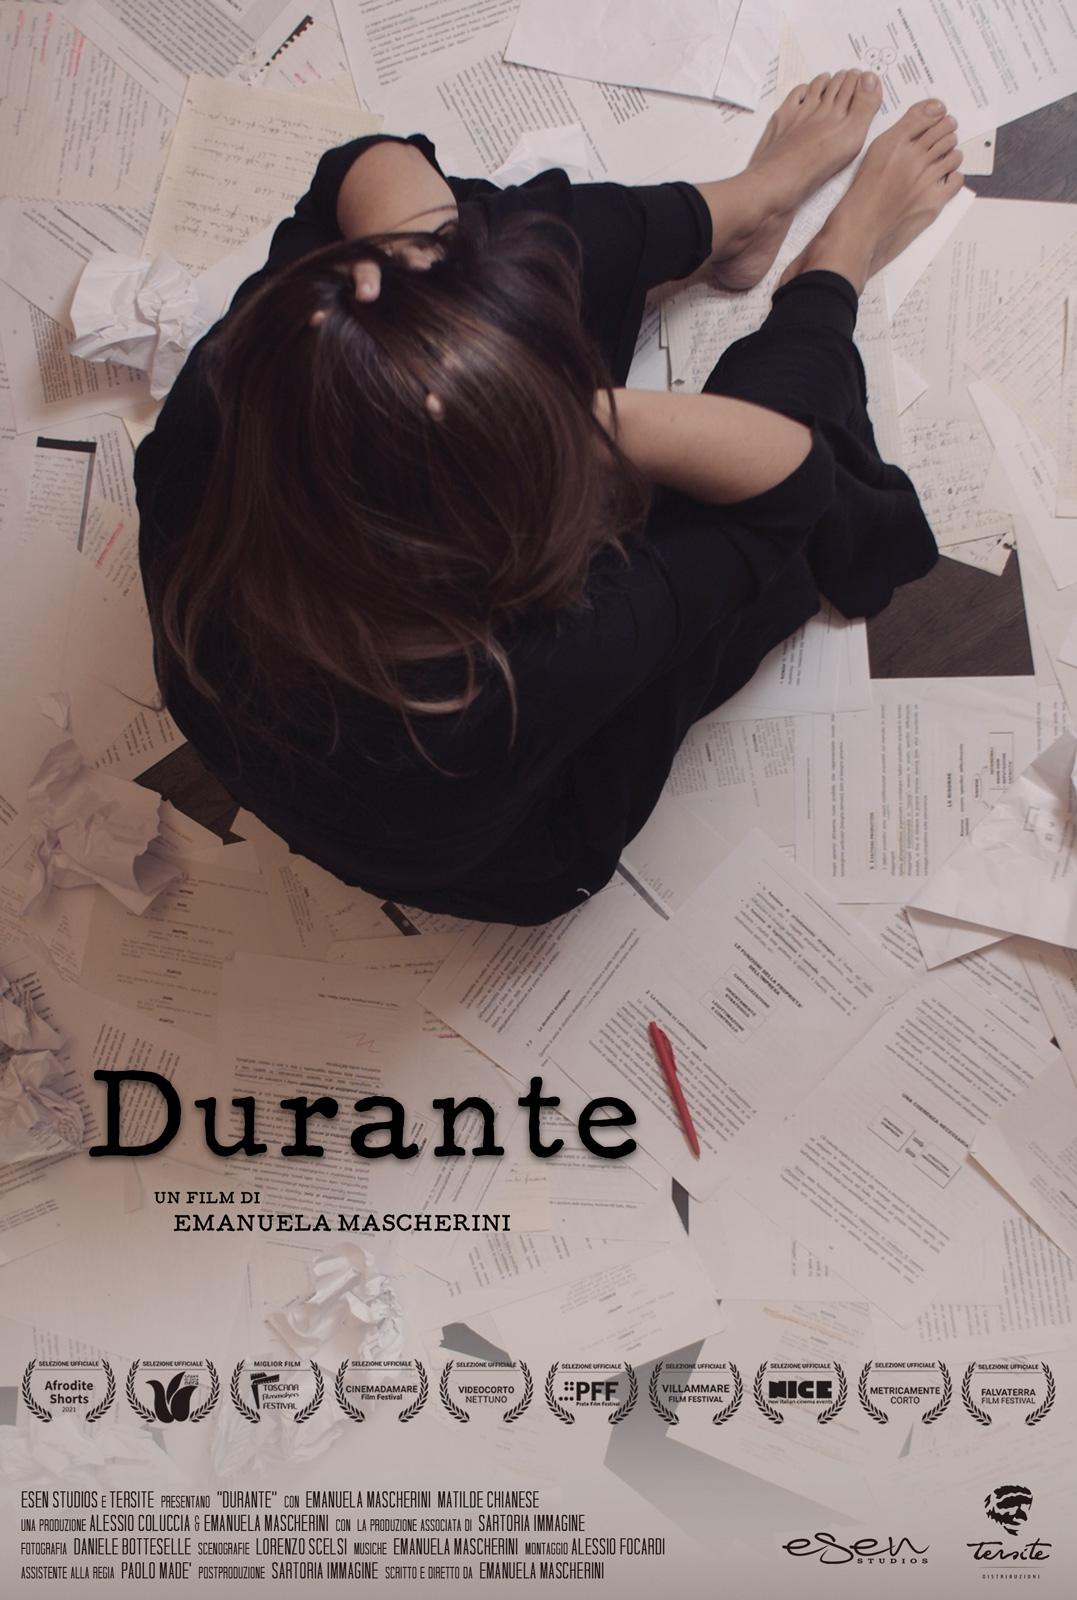 """Locandina del film cortometraggio """"Durante"""" di Emanuela Mascherini"""